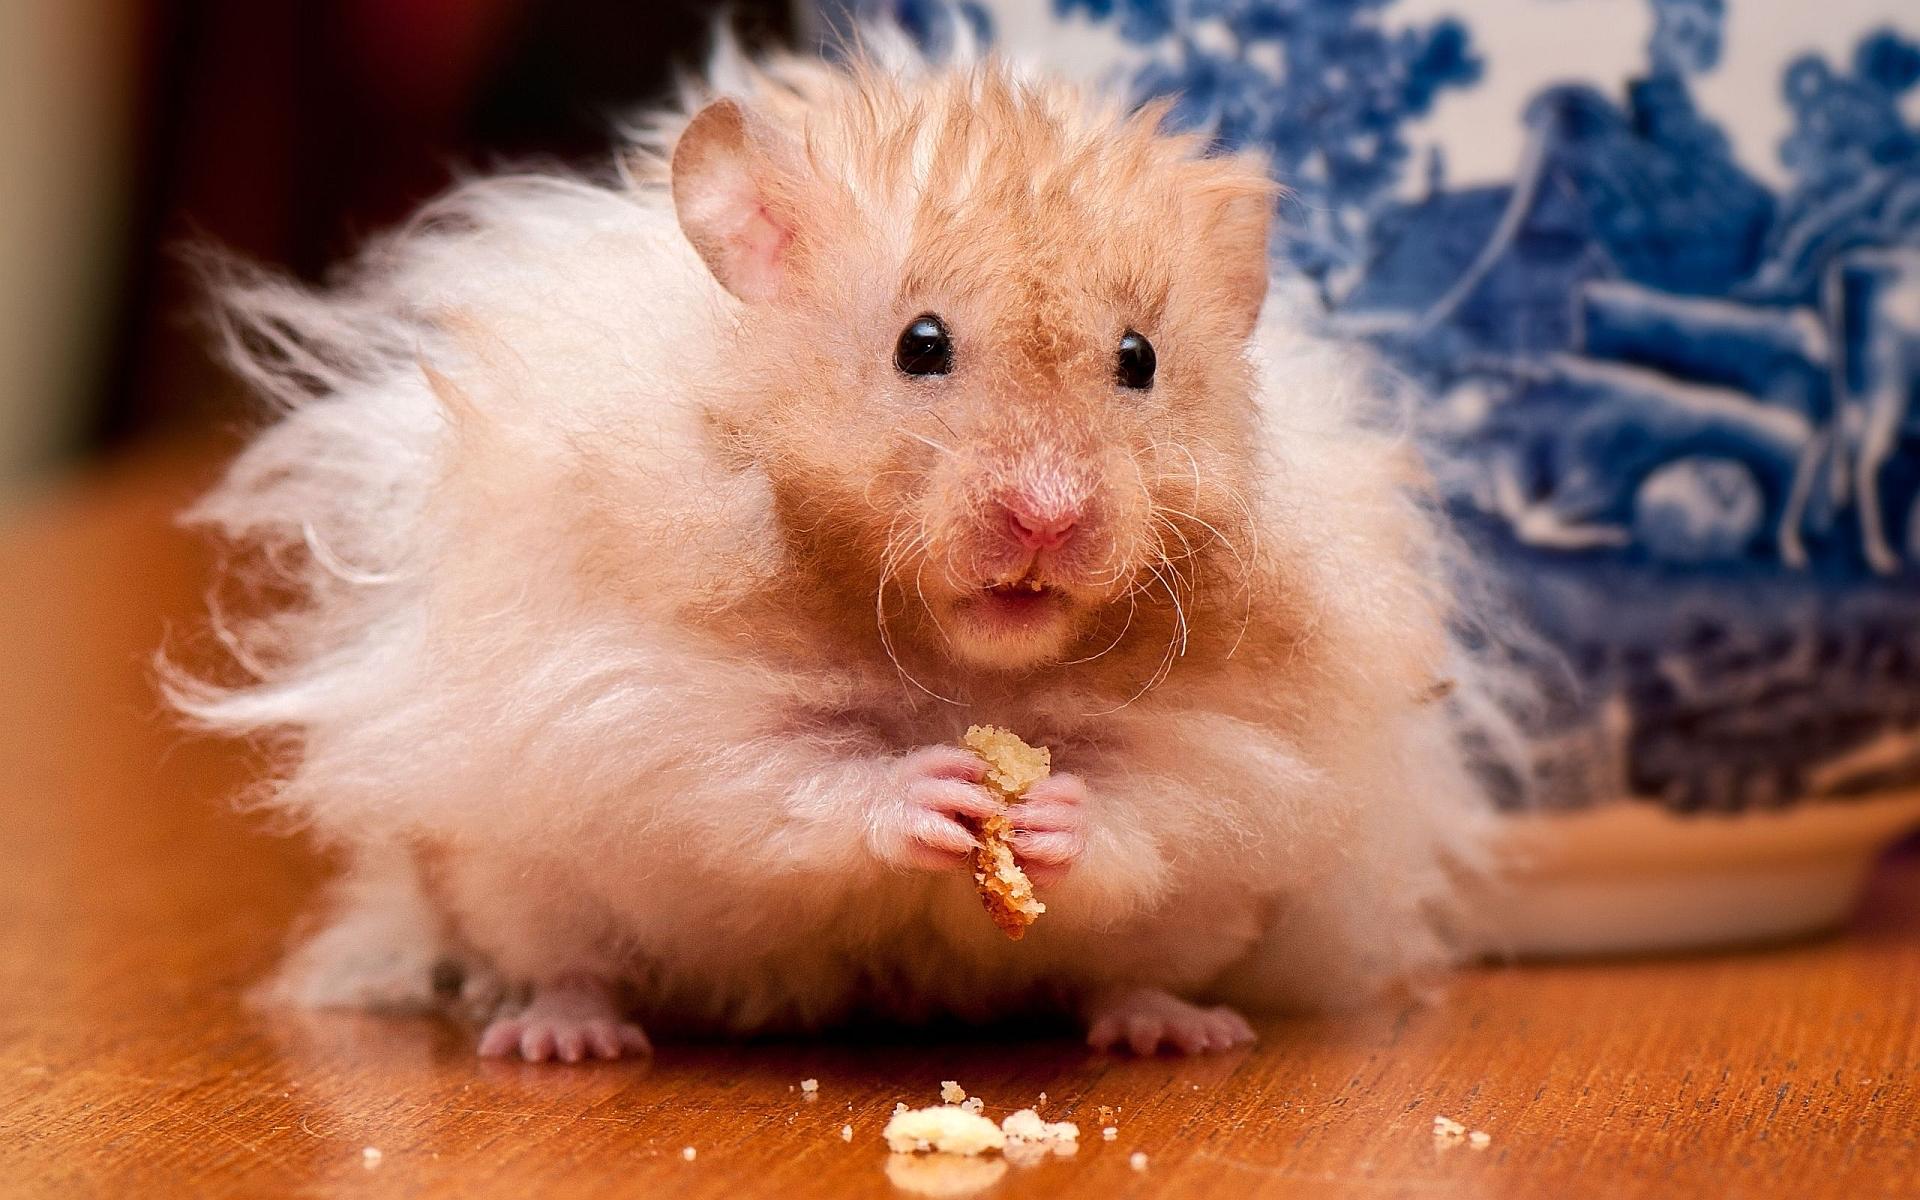 Fluffy hamster